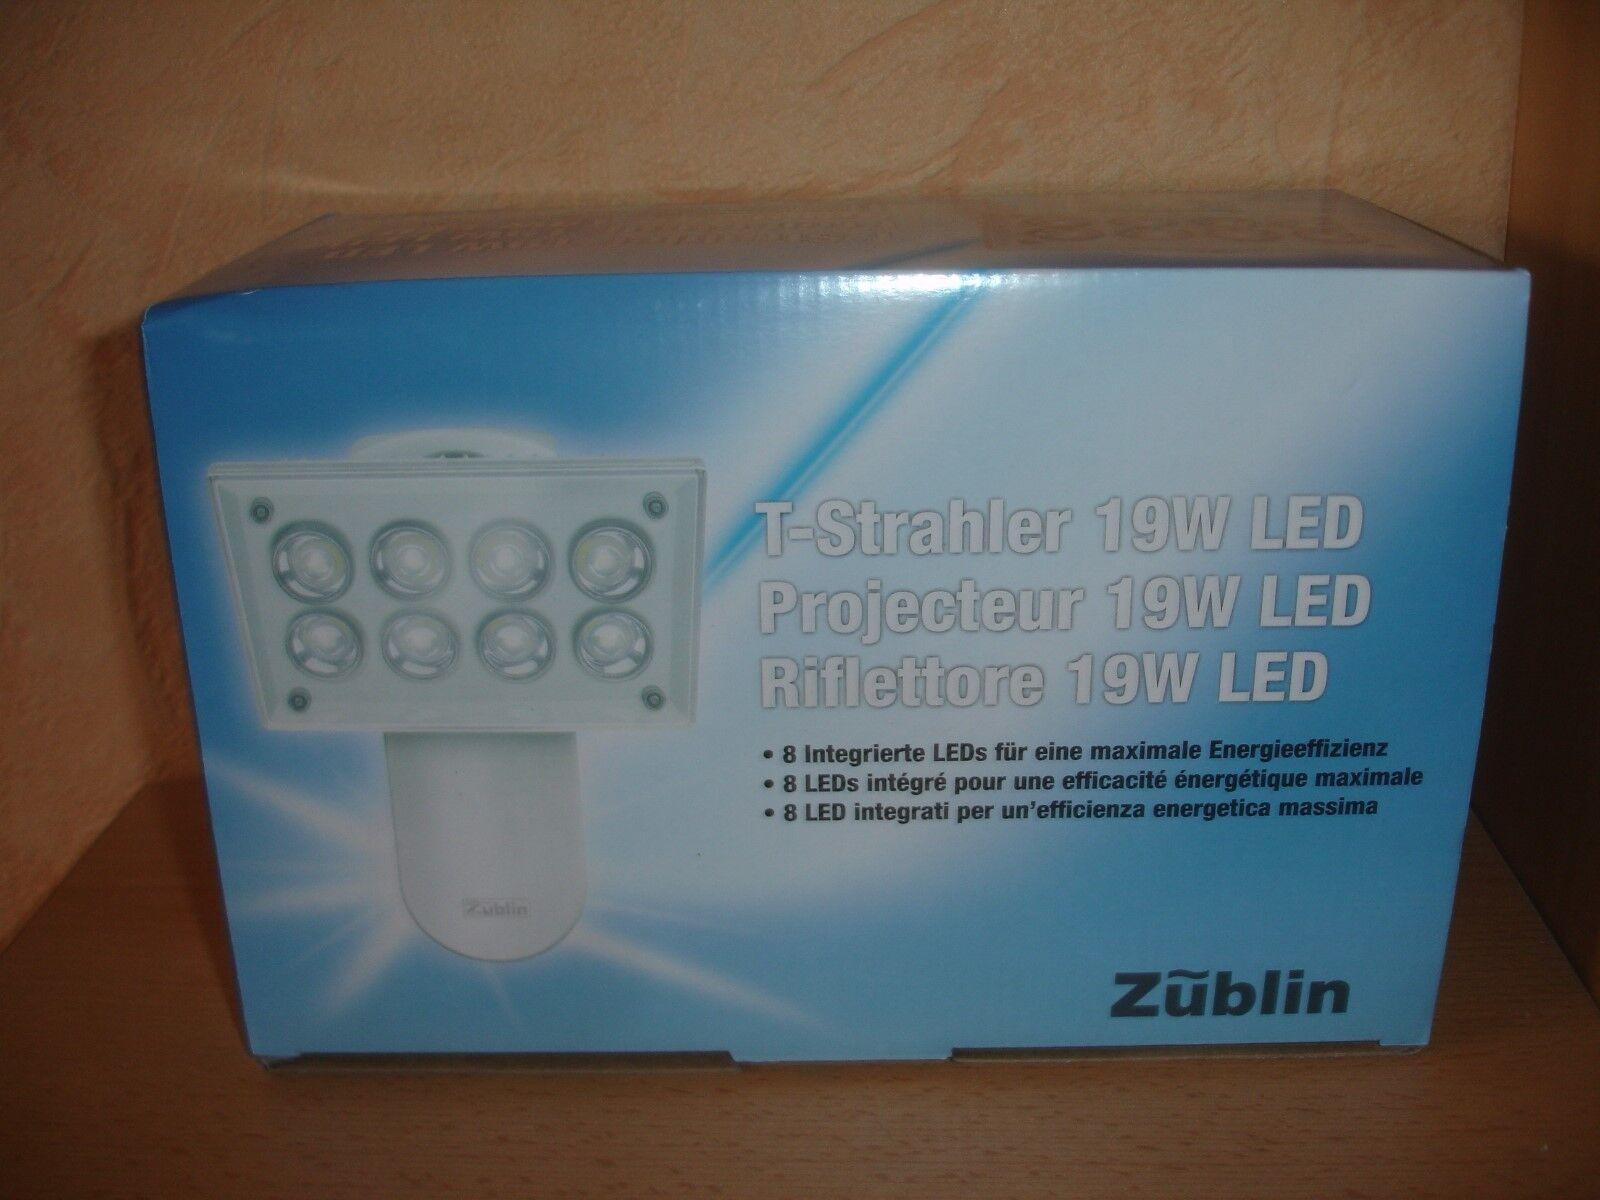 Züblin LED-Strahler Pro 19W LED 5500 K schwarz NEU OVP 8431     | Ausgezeichnetes Handwerk  | Öffnen Sie das Interesse und die Innovation Ihres Kindes, aber auch die Unschuld von Kindern, kindlich, glücklich  | Auktion